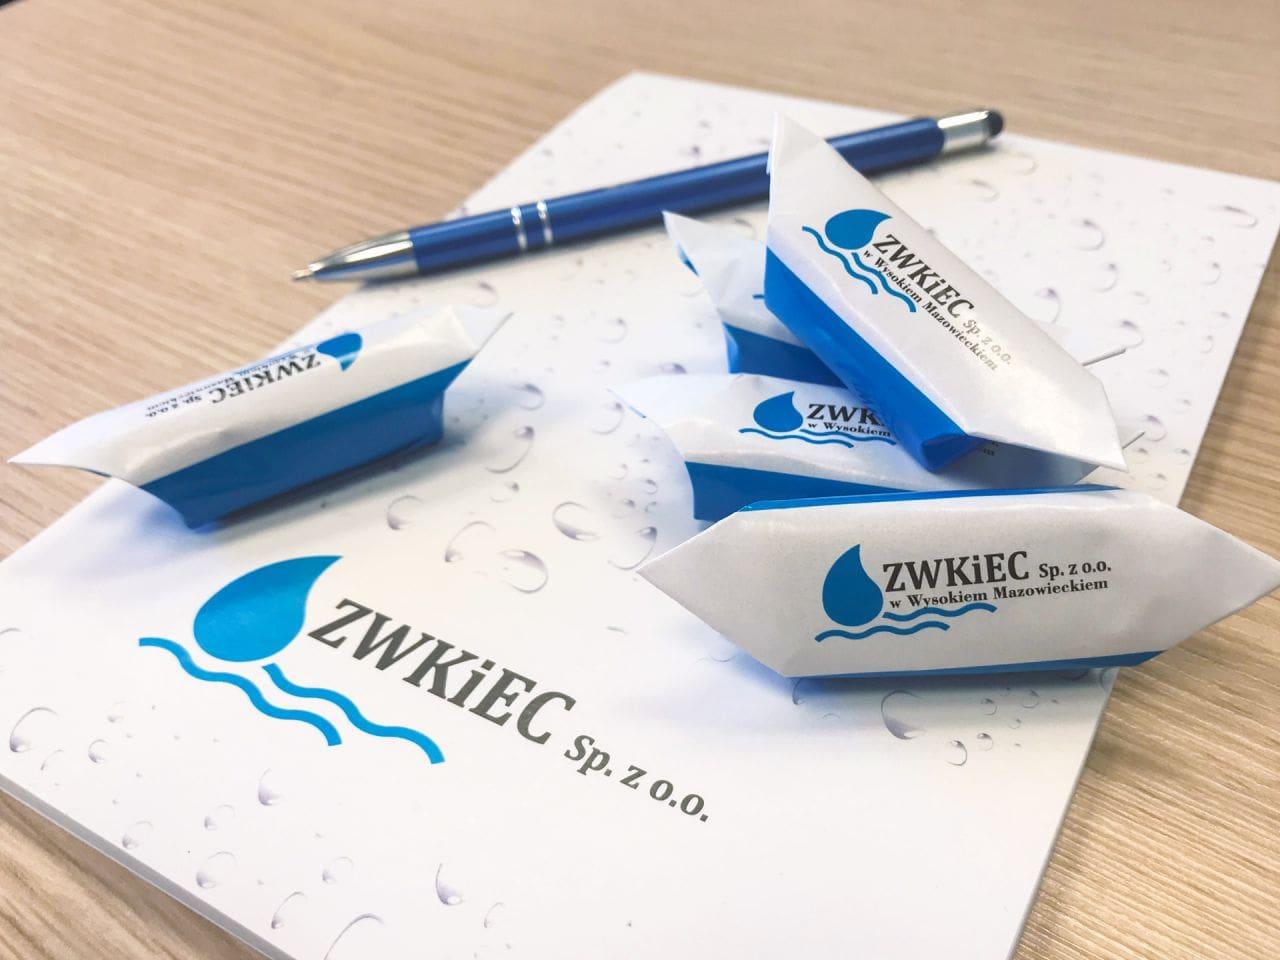 krówki reklamowe z logo ZWKiEC